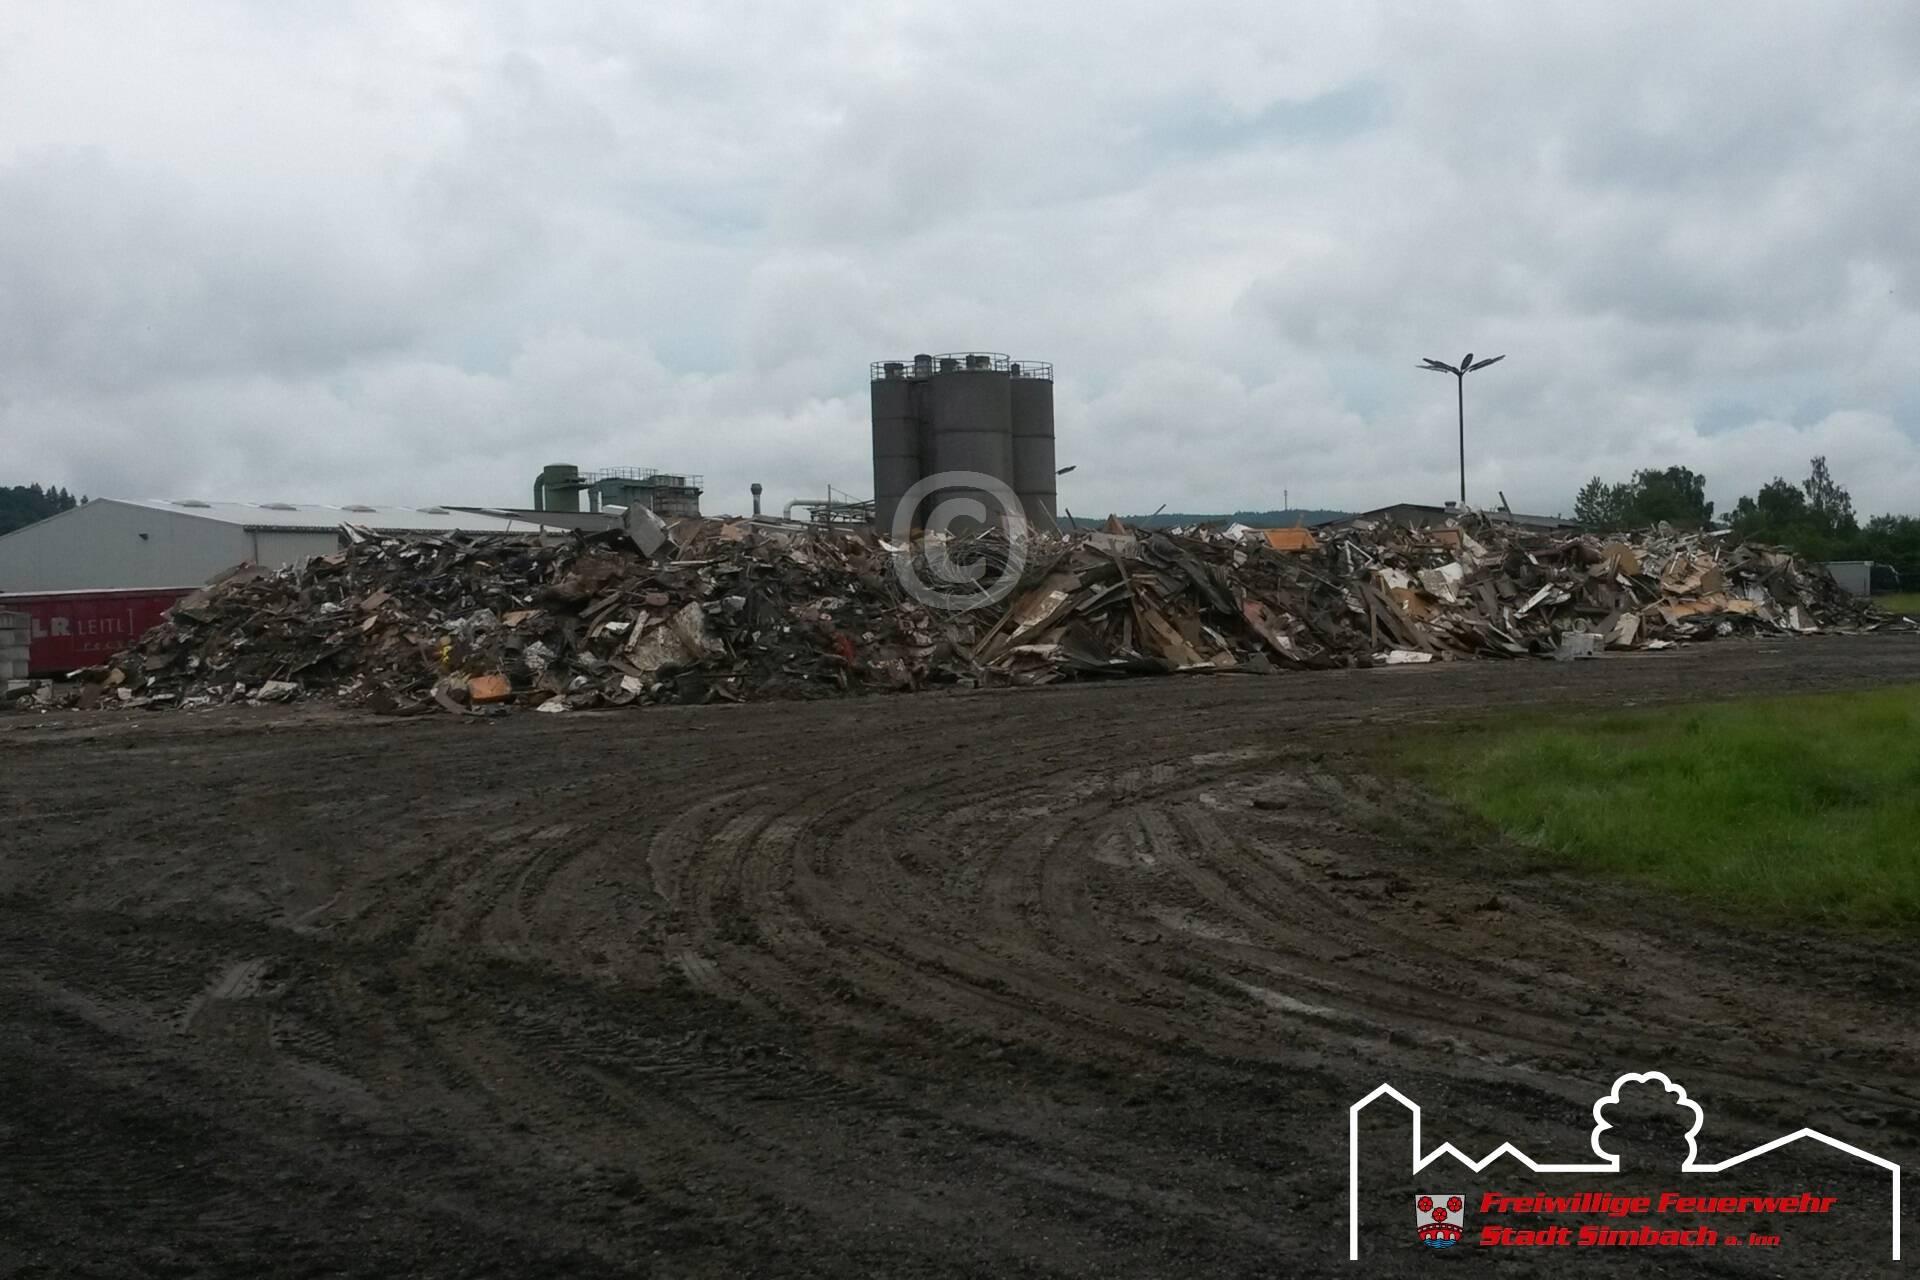 Müllberge auf dem Gelände der Fa. Knauf Insulation